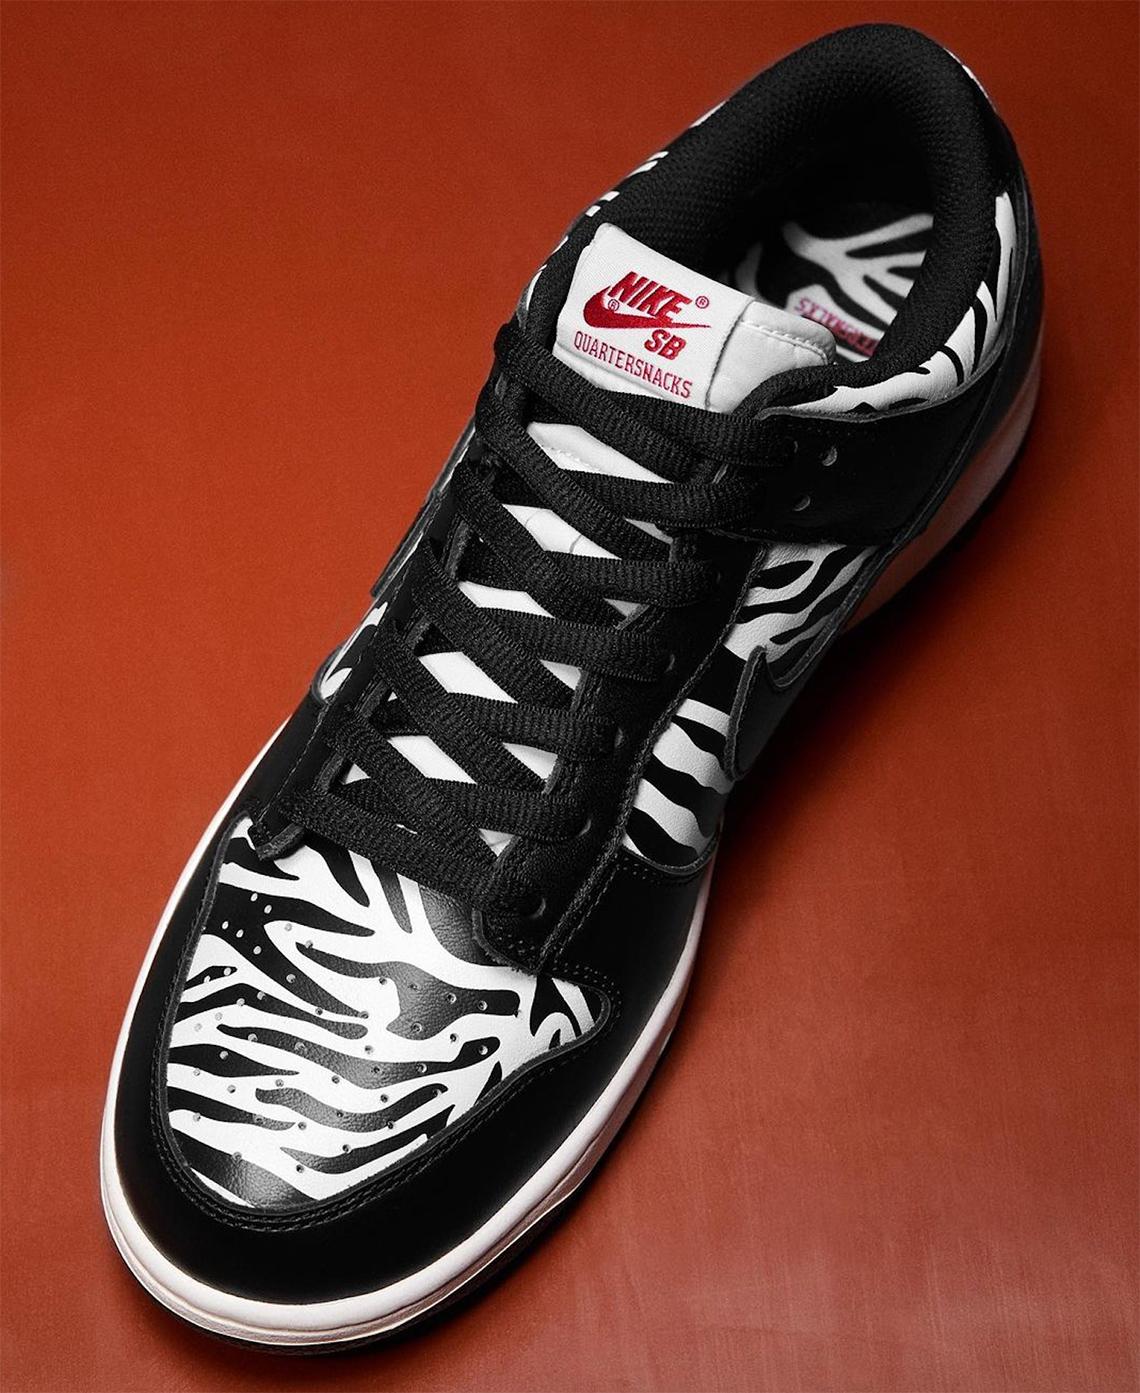 クウォータースナックス ナイキ SB ダンク ロー ゼブラケーキ quartersnacks-nike-sb-dunk-low-zebra-cakes-look-4